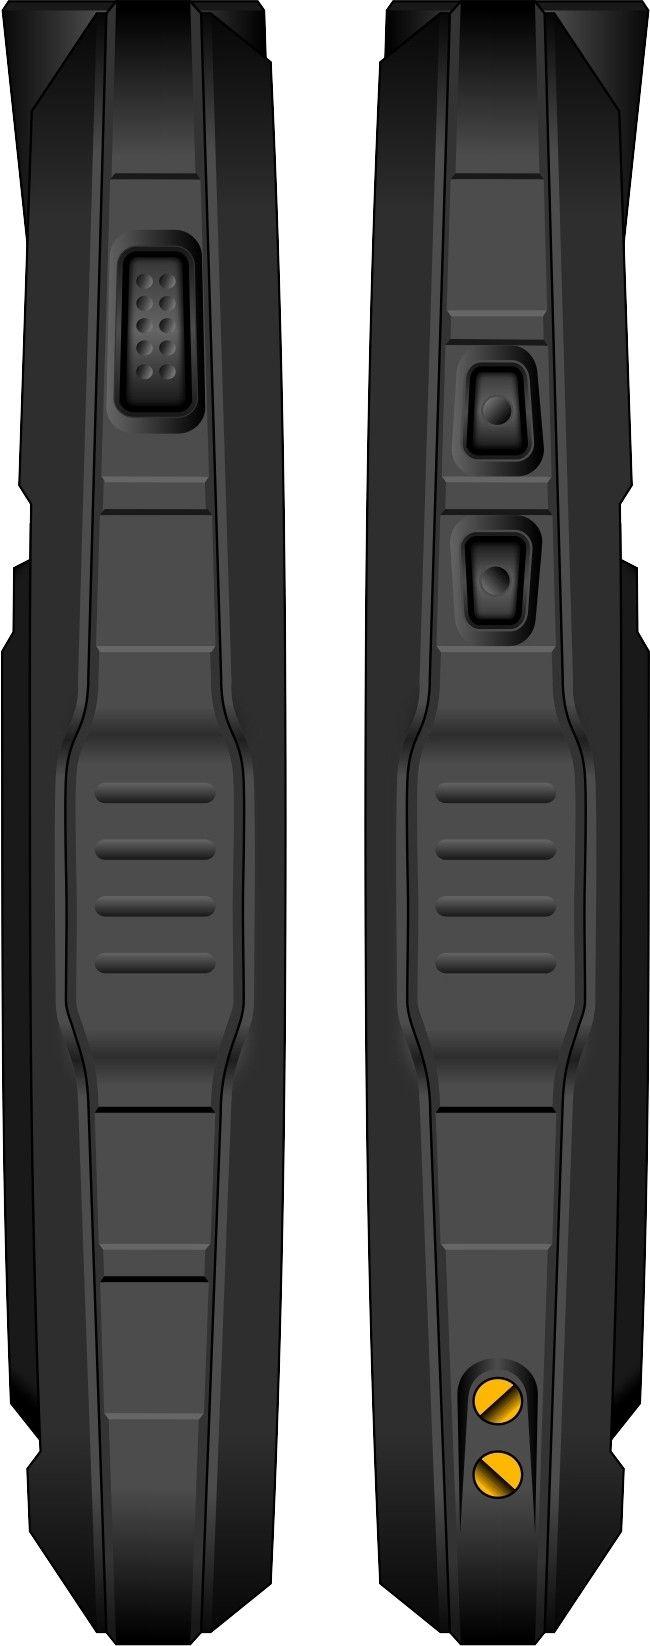 Мобильный телефон RugGear RG310 Voyager Black (RG310VB) - 2